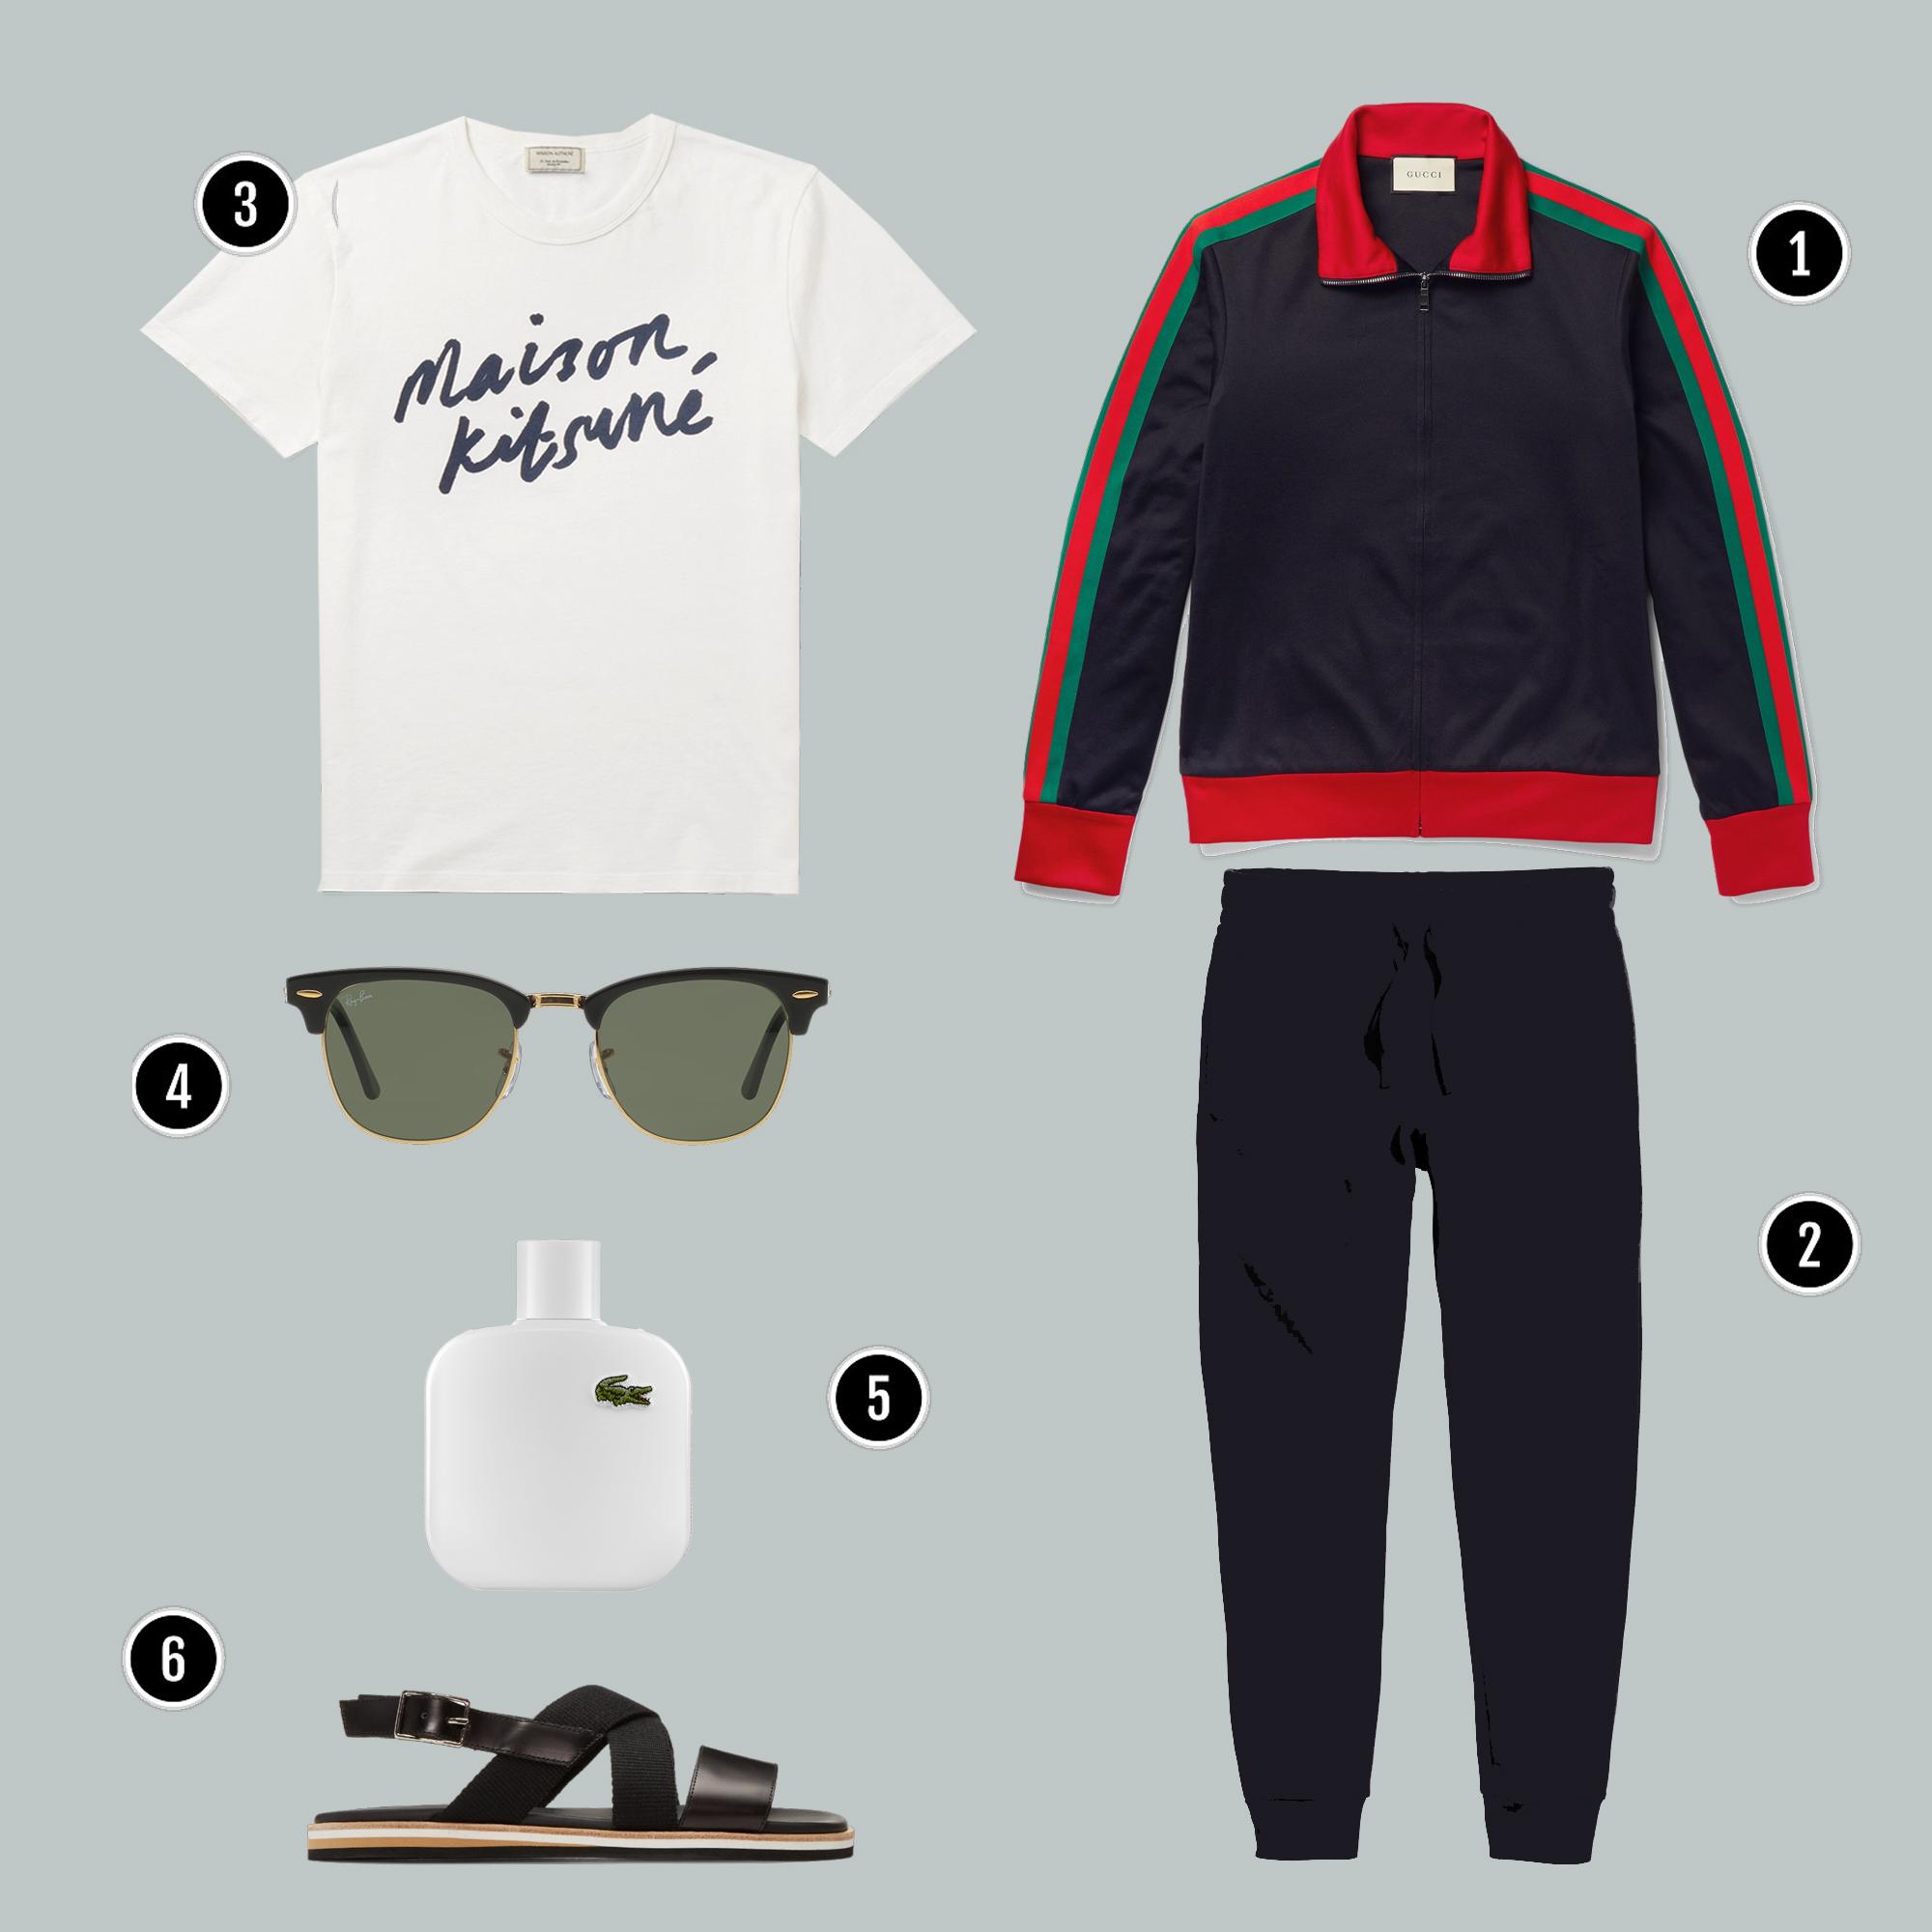 1. Áo: Gucci / 2. Quần: H&M/ 3. Áo: Maison Kisune/ 4. Kính: Rayban / 5. Nước hoa: Lacoste/ 6. Giày: Marni